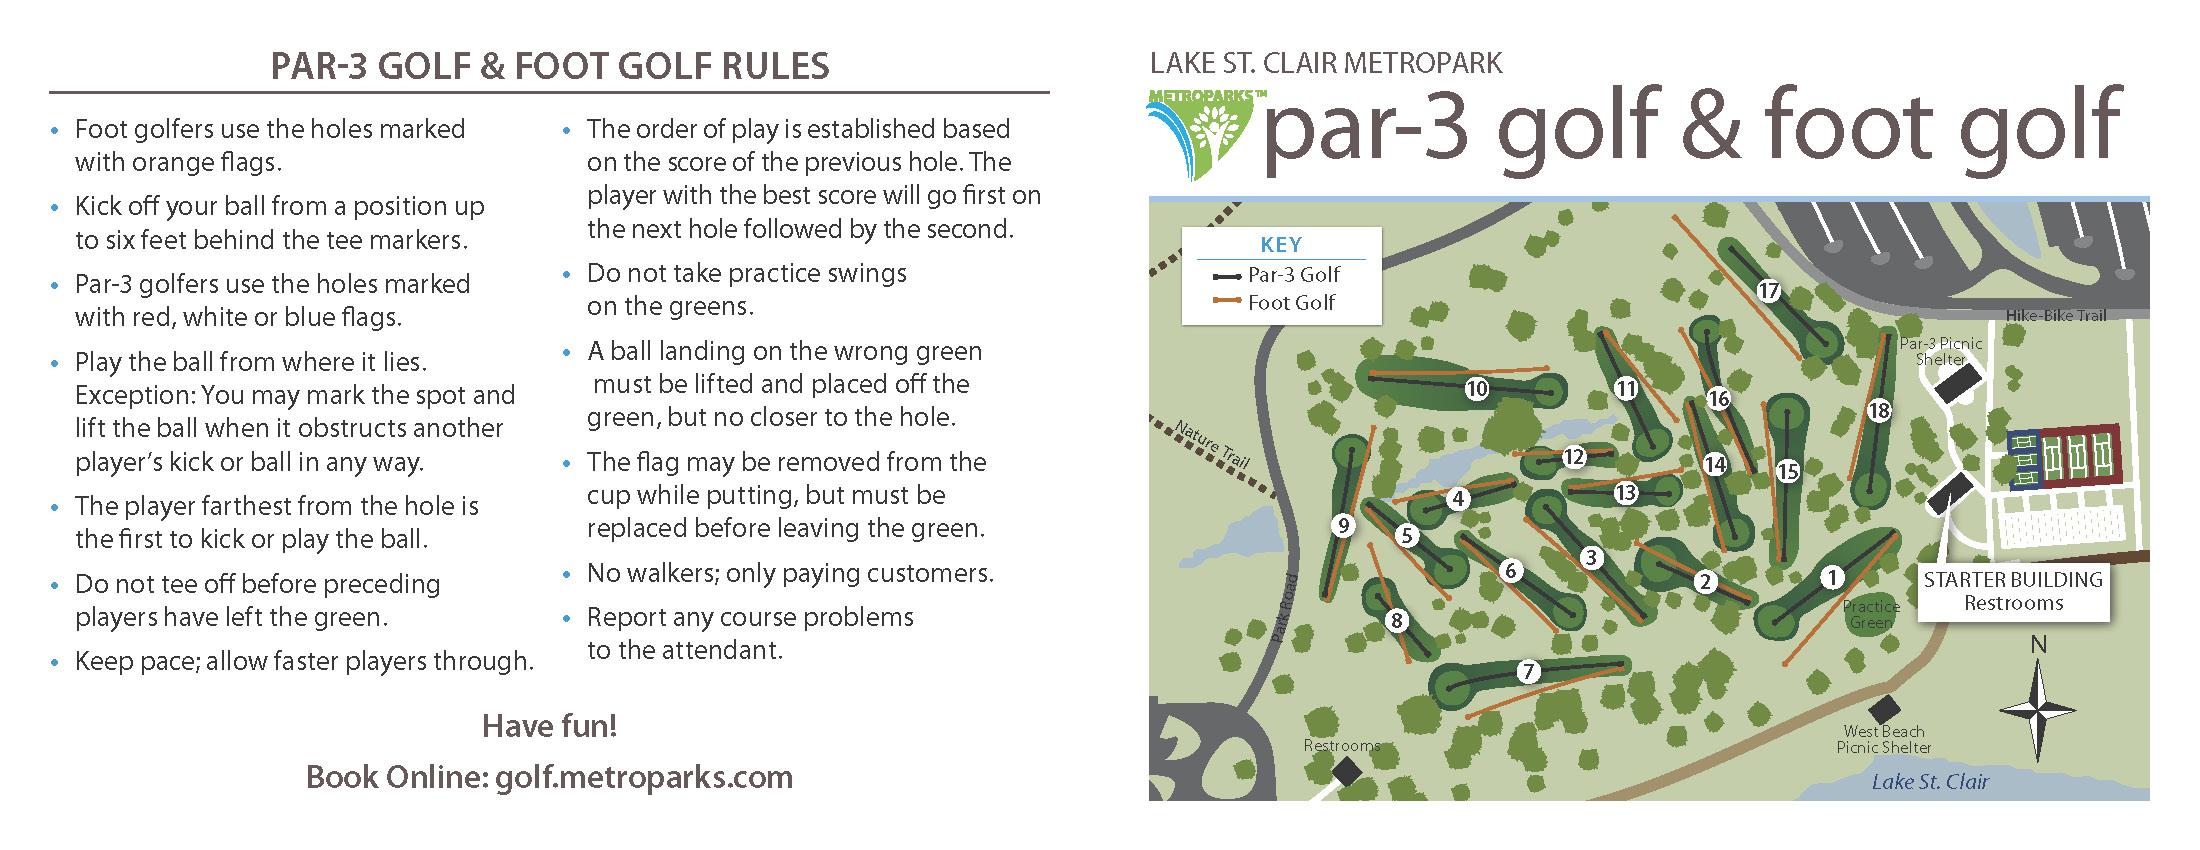 lake st clair scorecard_Page_1